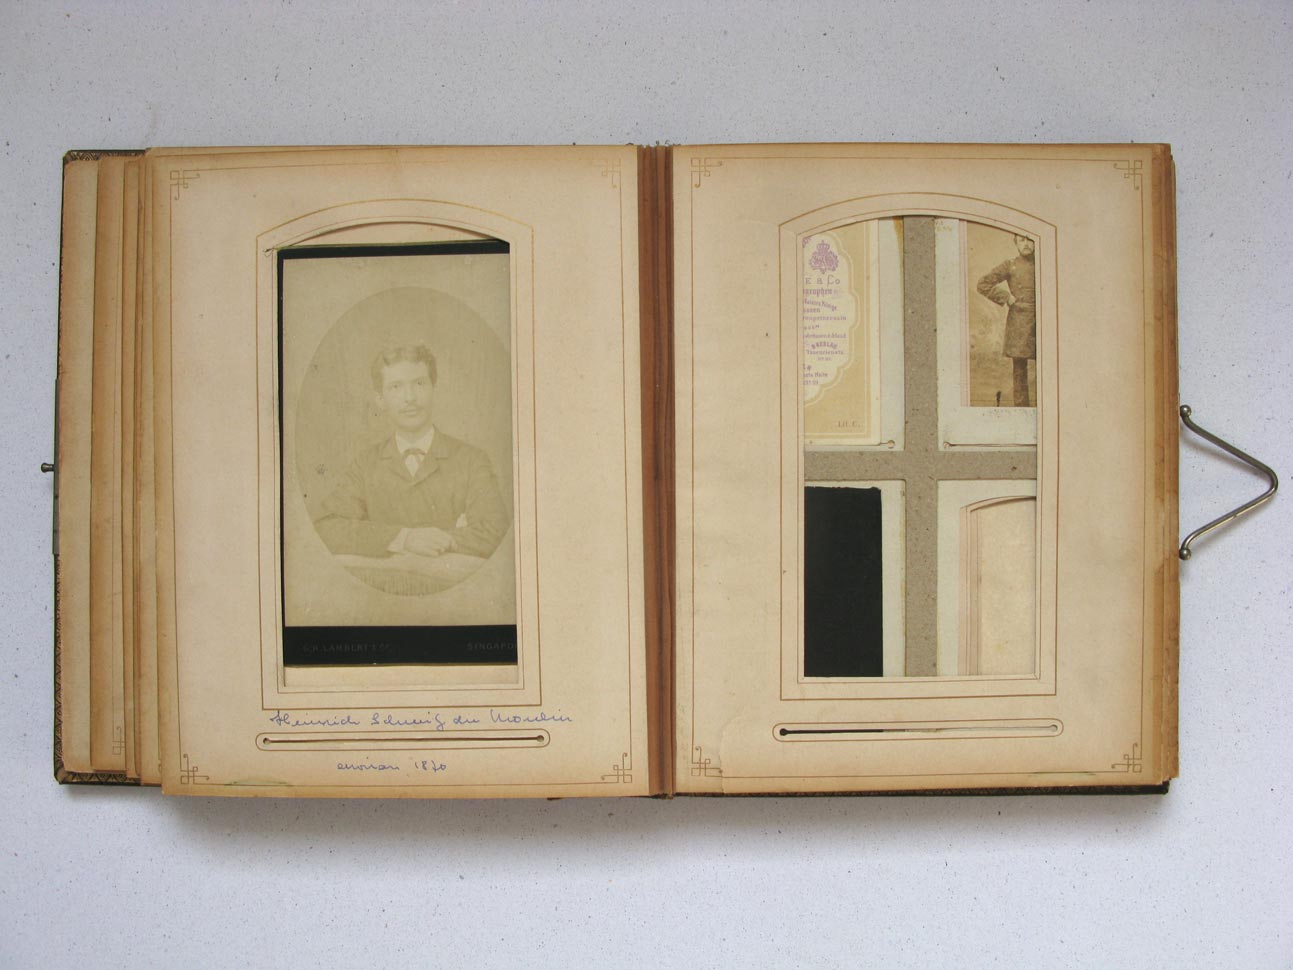 A gauche / links: Heinrich Schmitz du Moulin © G. R. Lambert & Co., Singapore, ca. 1880